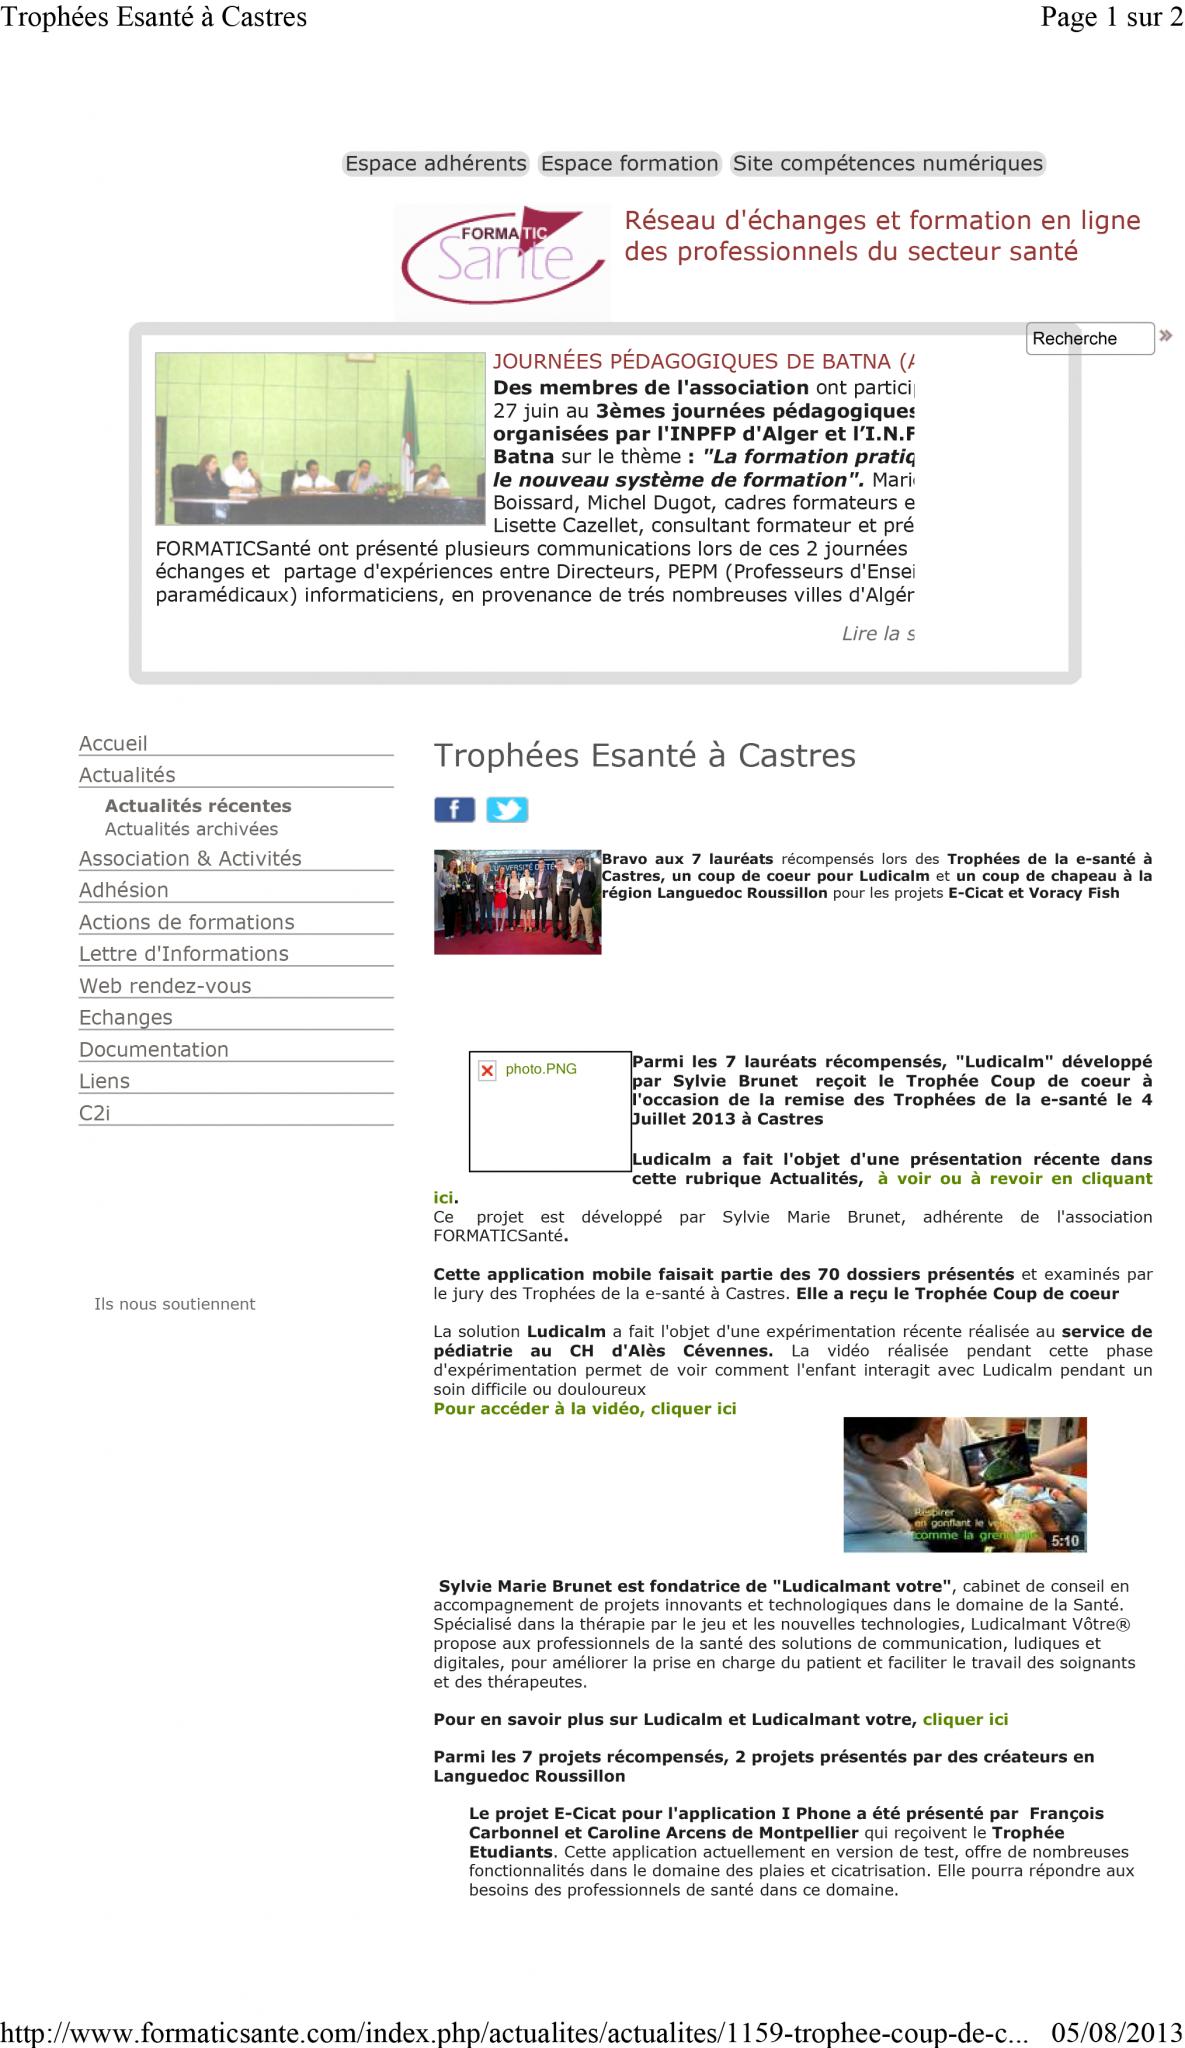 Trophées e-santé à Castres